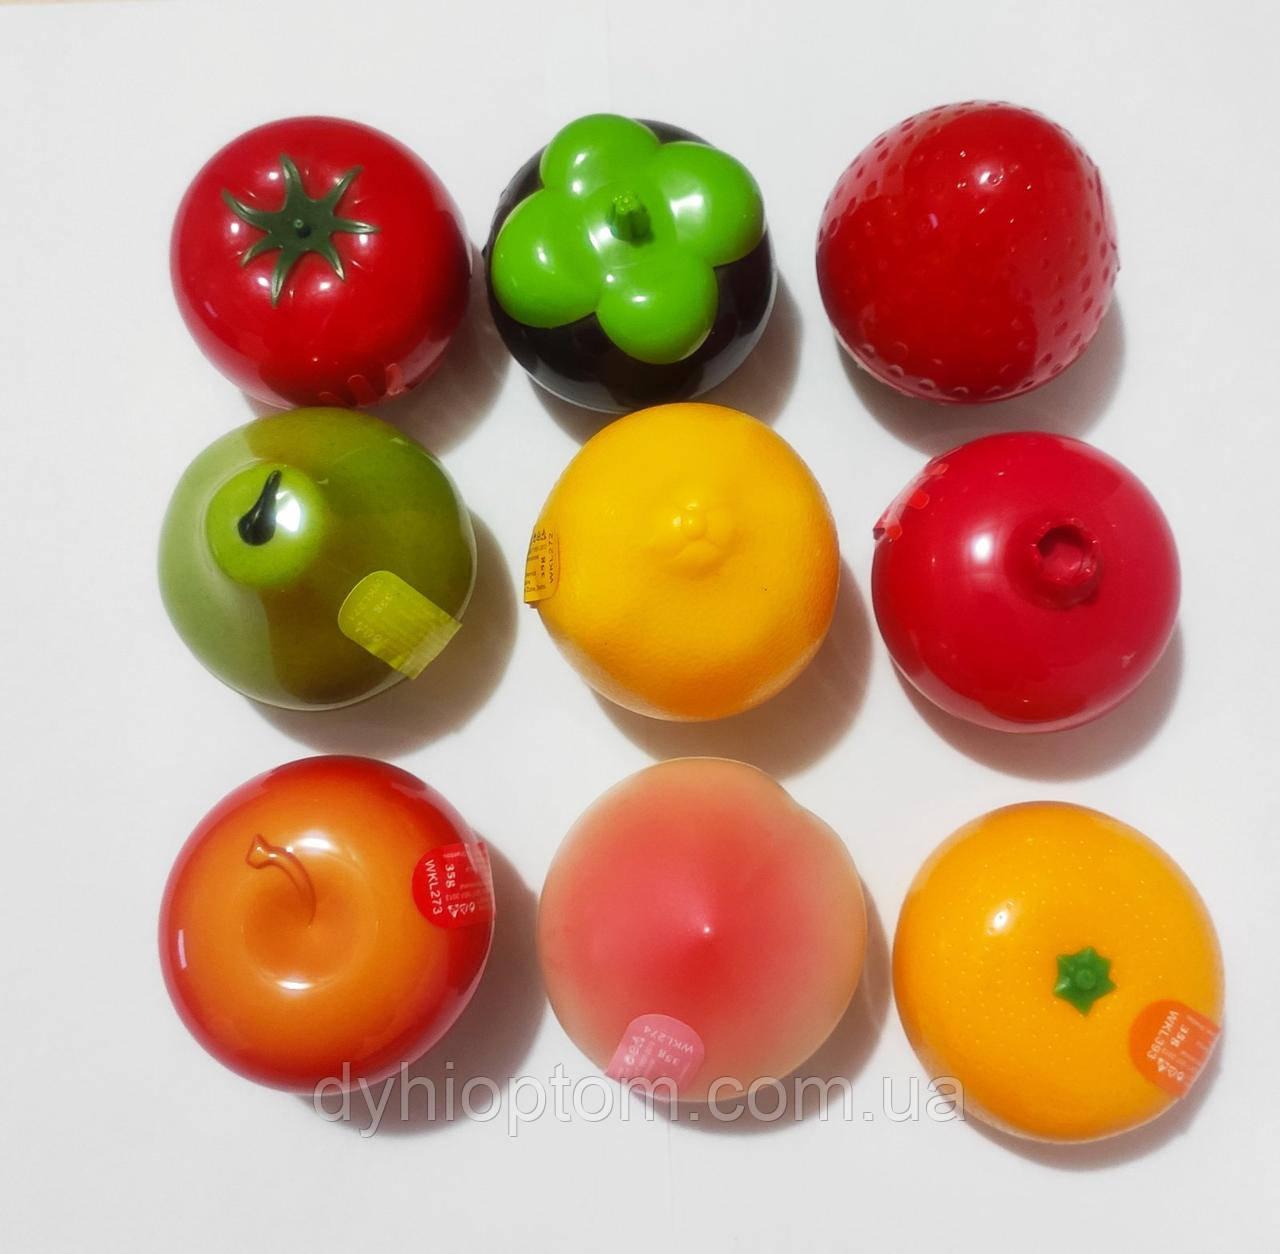 Крем для рук фрукты в ассортименте 30мл